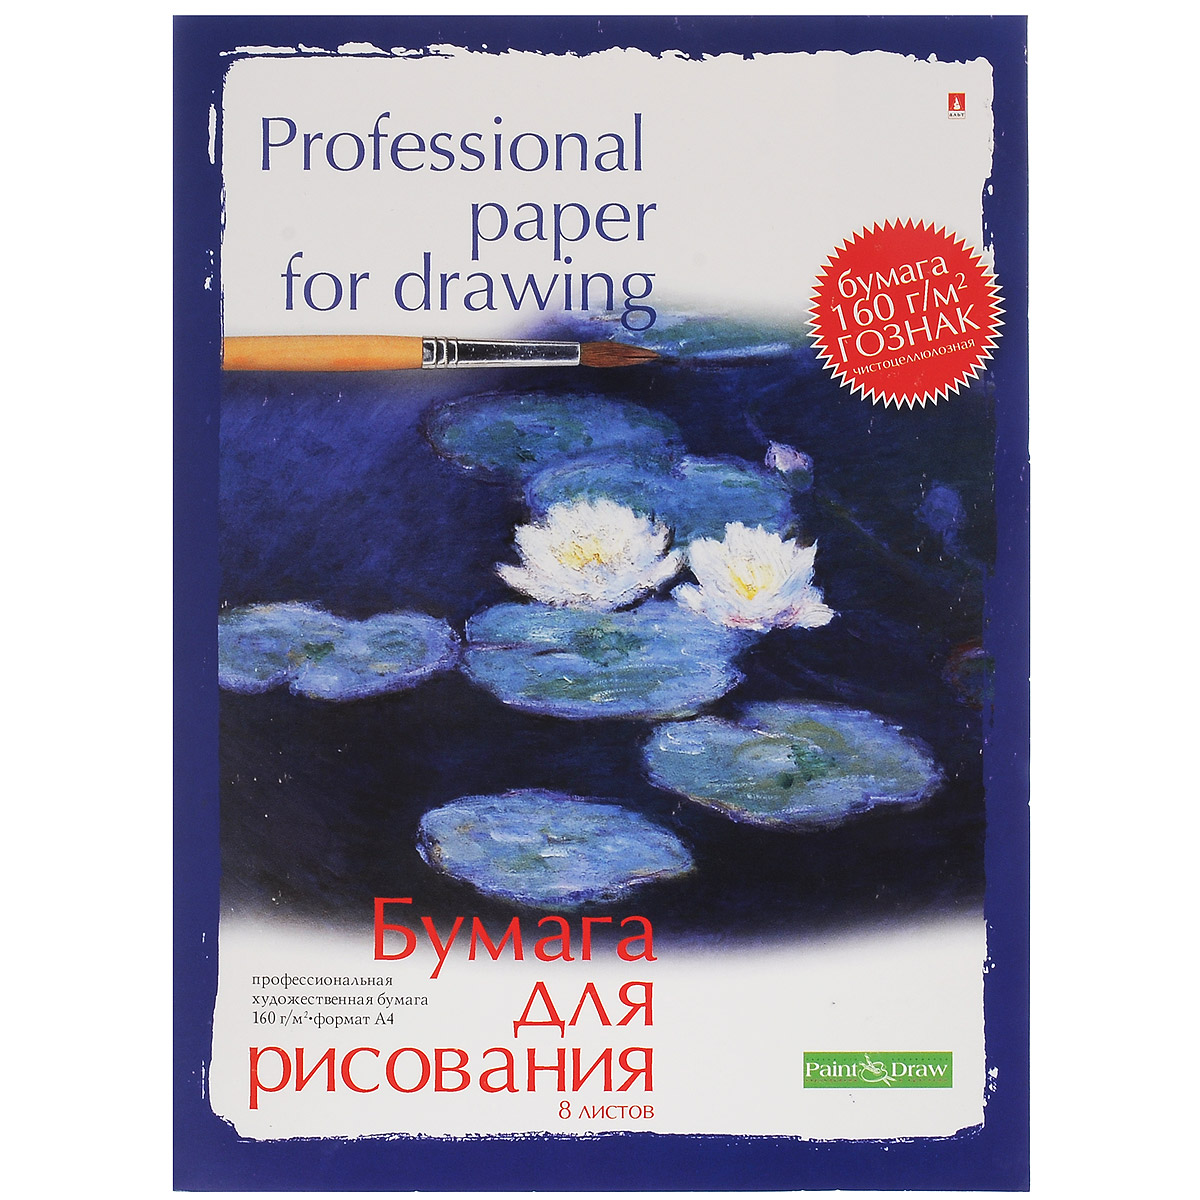 Бумага для рисования Альт, профессиональная, формат А4, 8 листов4-016_лилииБумага для рисования Альт идеально подходит для творчества начинающих и профессиональных художников.Это высококачественная чистоцеллюлозная бумага, специально разработанная для рисования. Примногократном использовании ластика, поправок карандашом структура листа не повреждается.Бумагасоответствует всем стандартам качества и имеет плотность 160 г/м2.Папка содержит 8 листов формата A4.